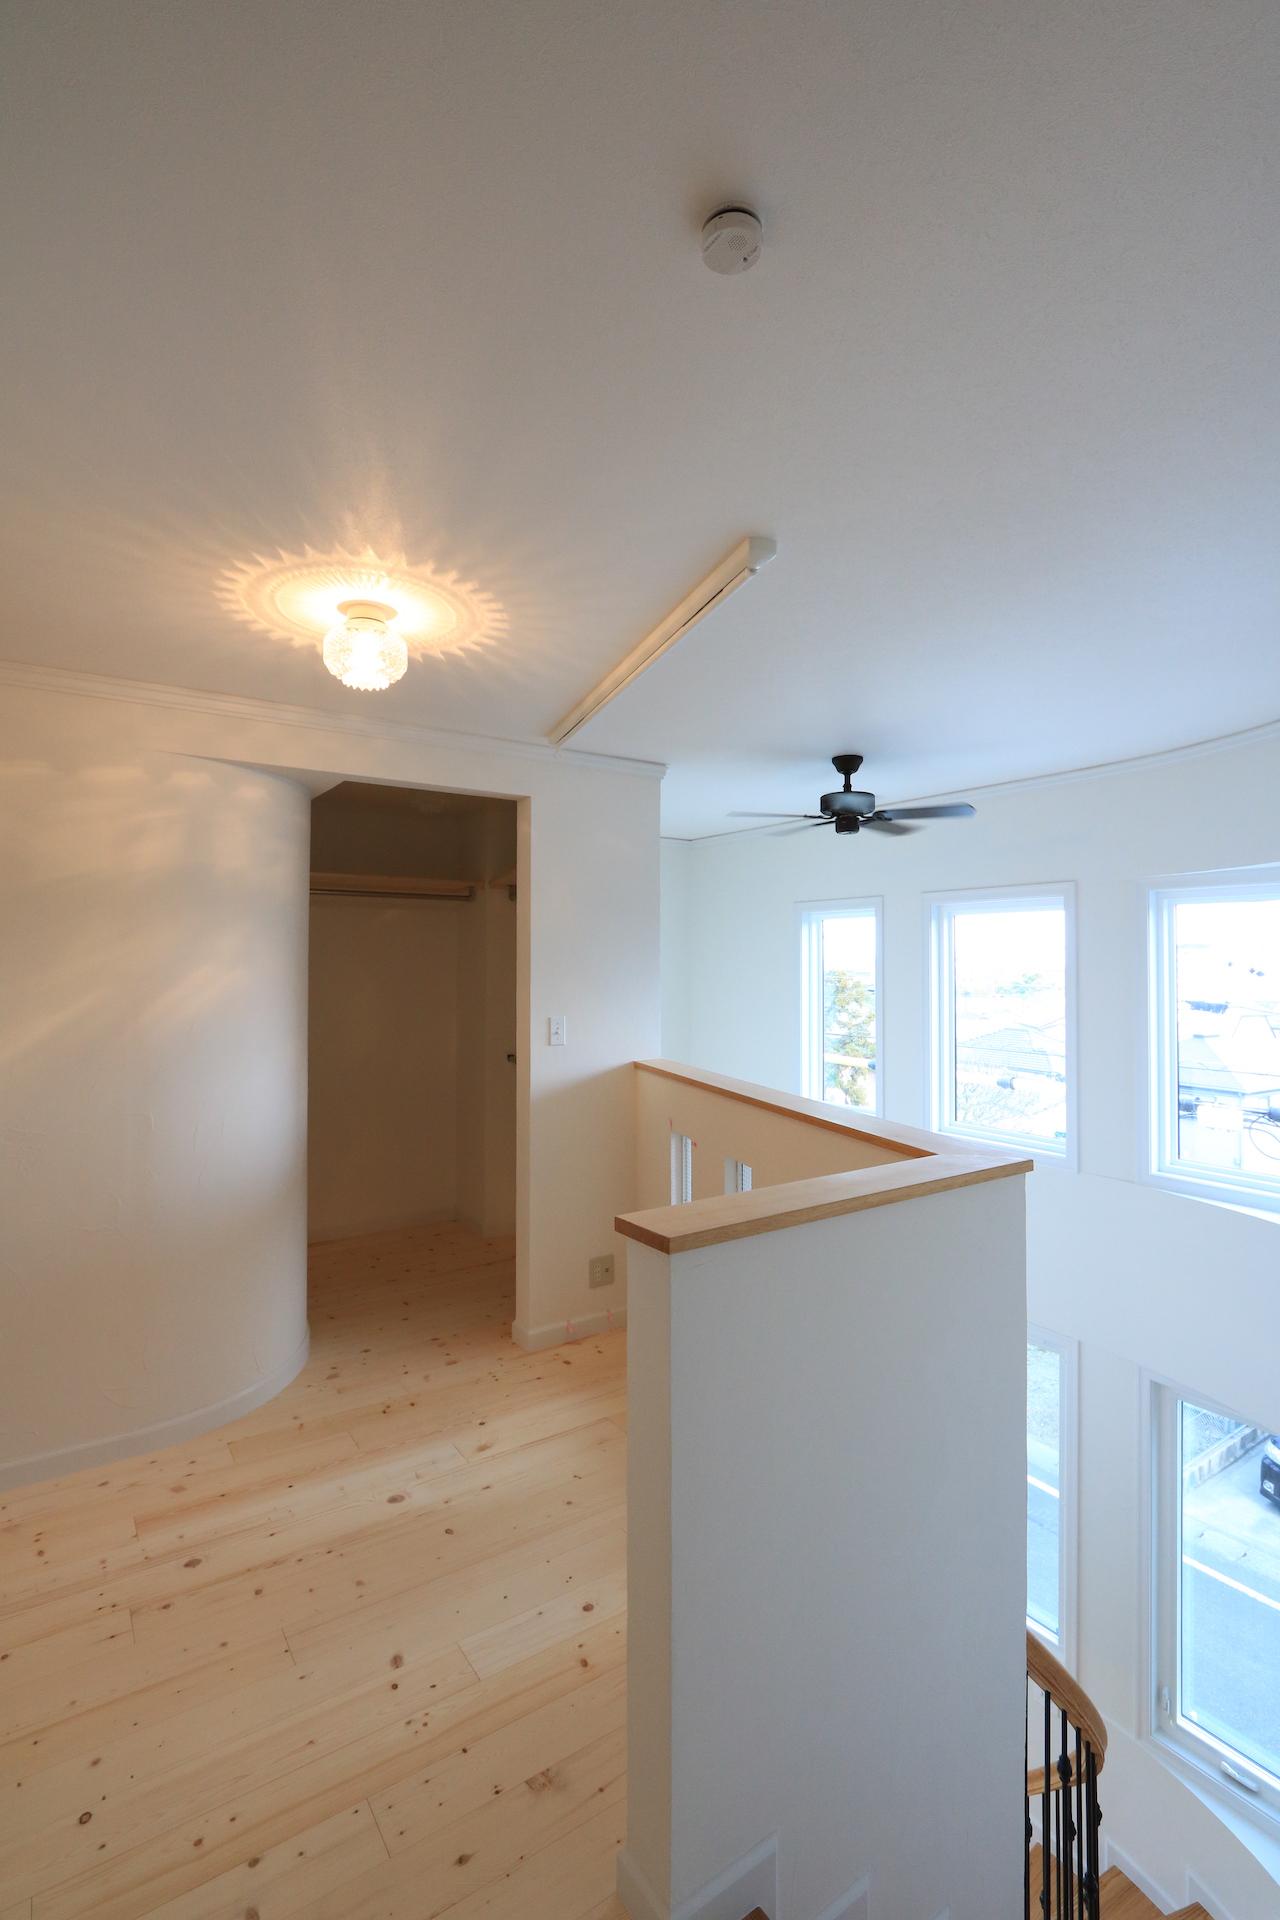 2階のホールはフレキシブルに活用。室内干しやキッズコーナー